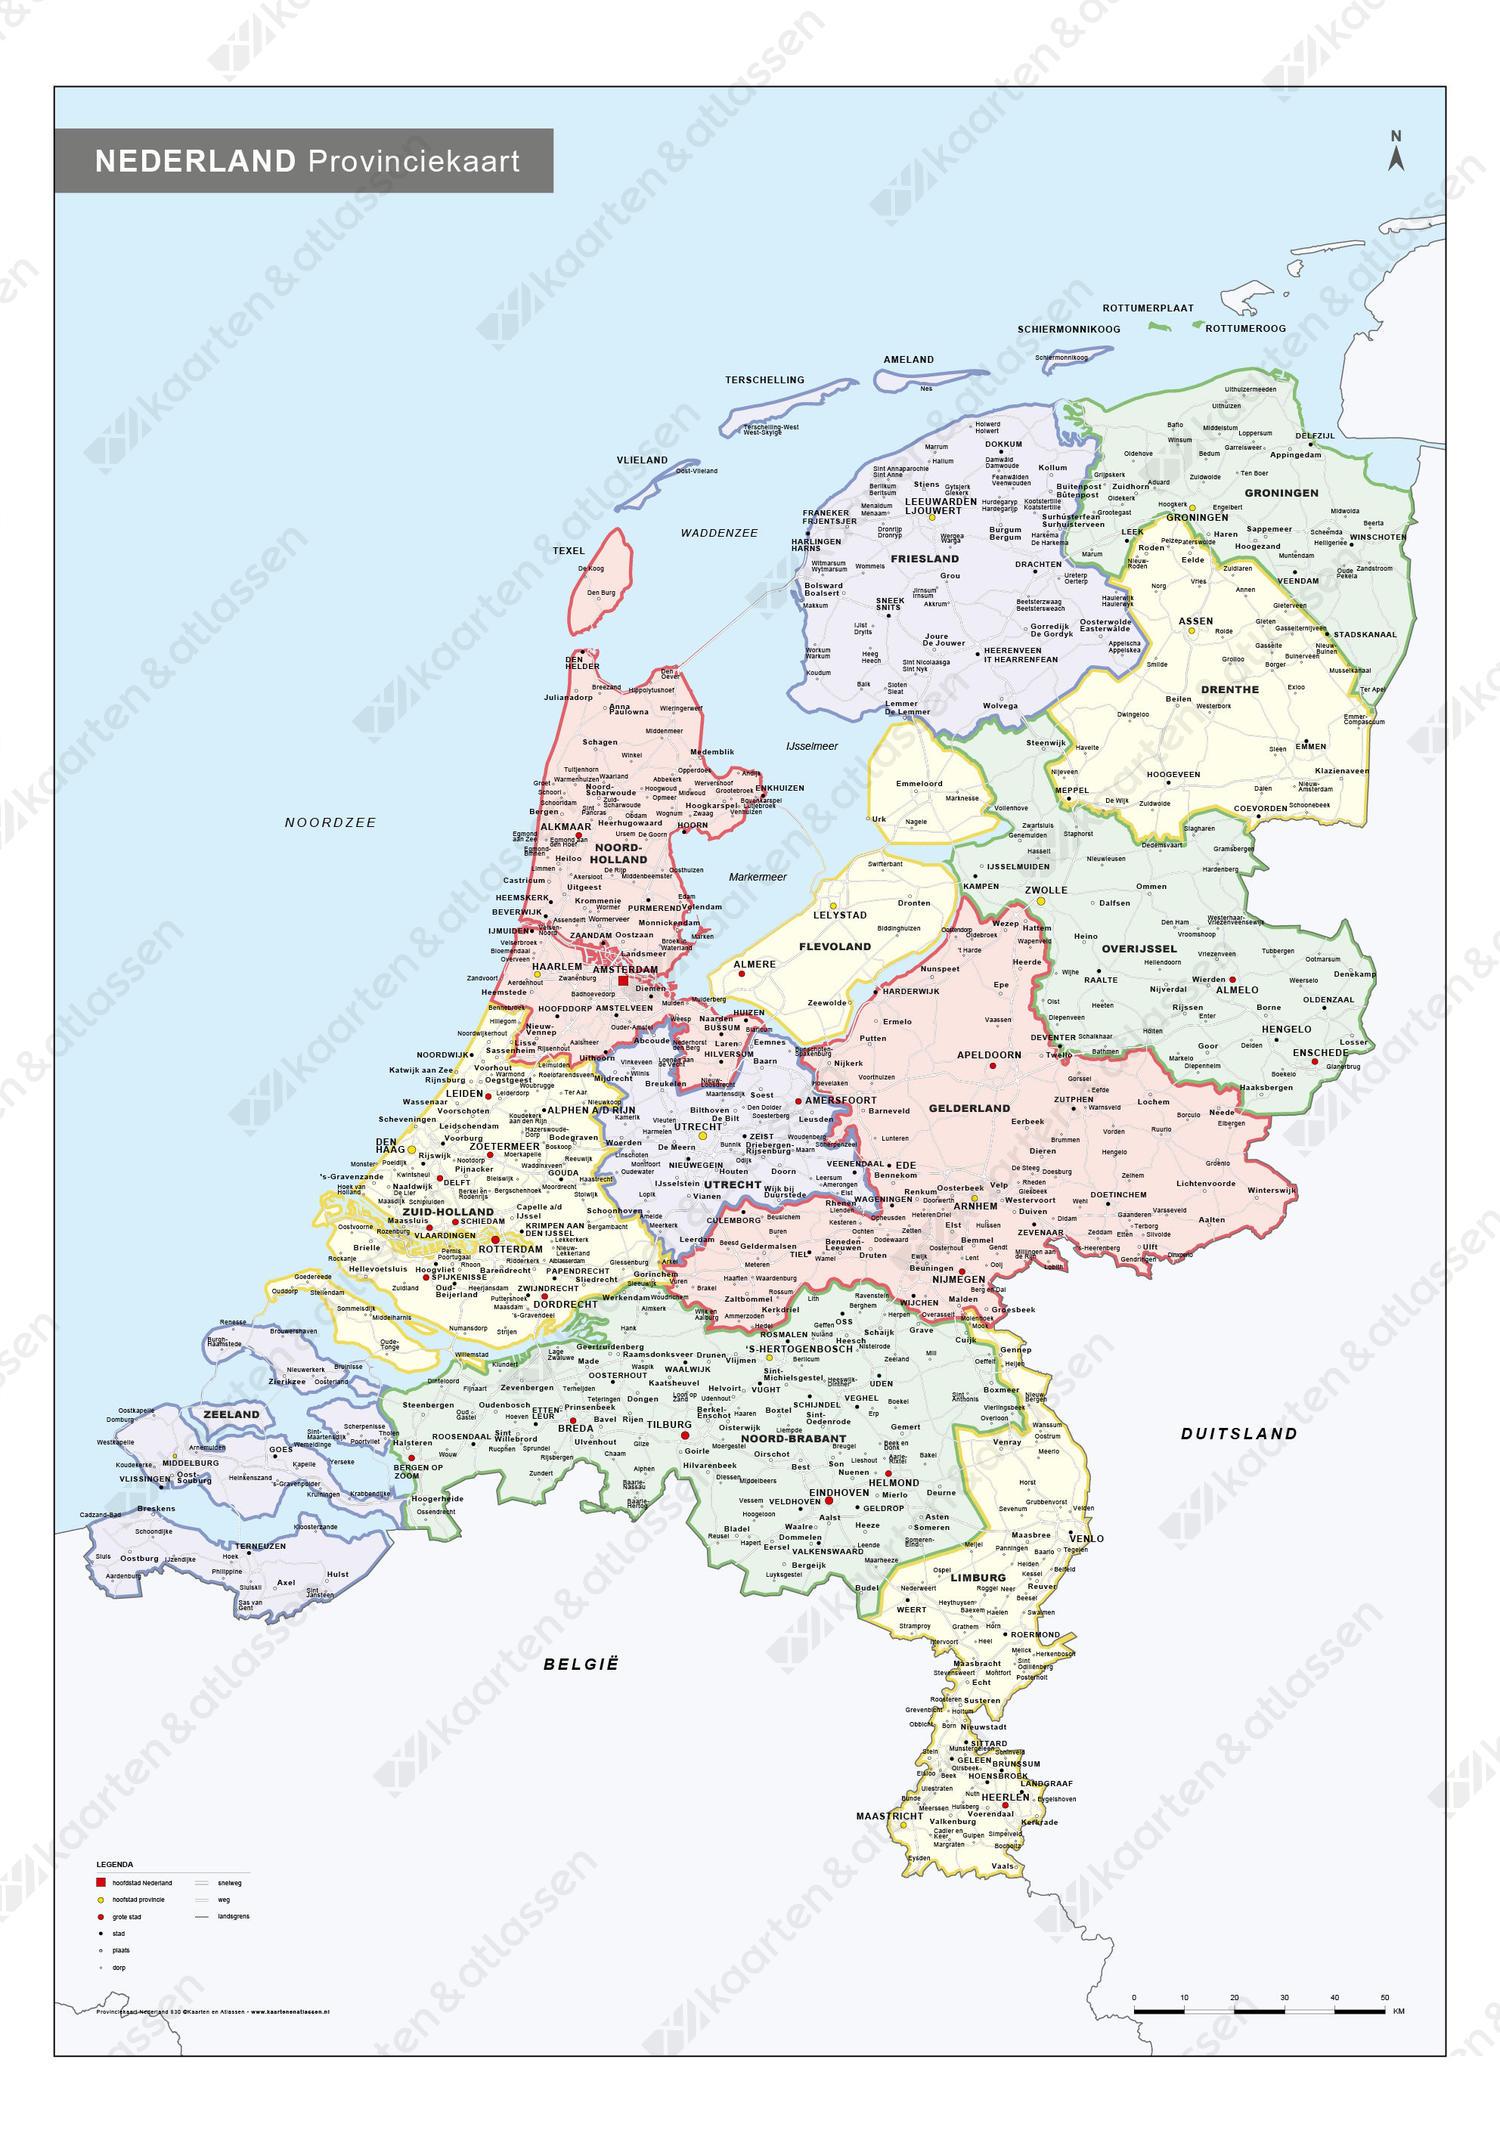 Digitale Frisse Landkaart van Nederland